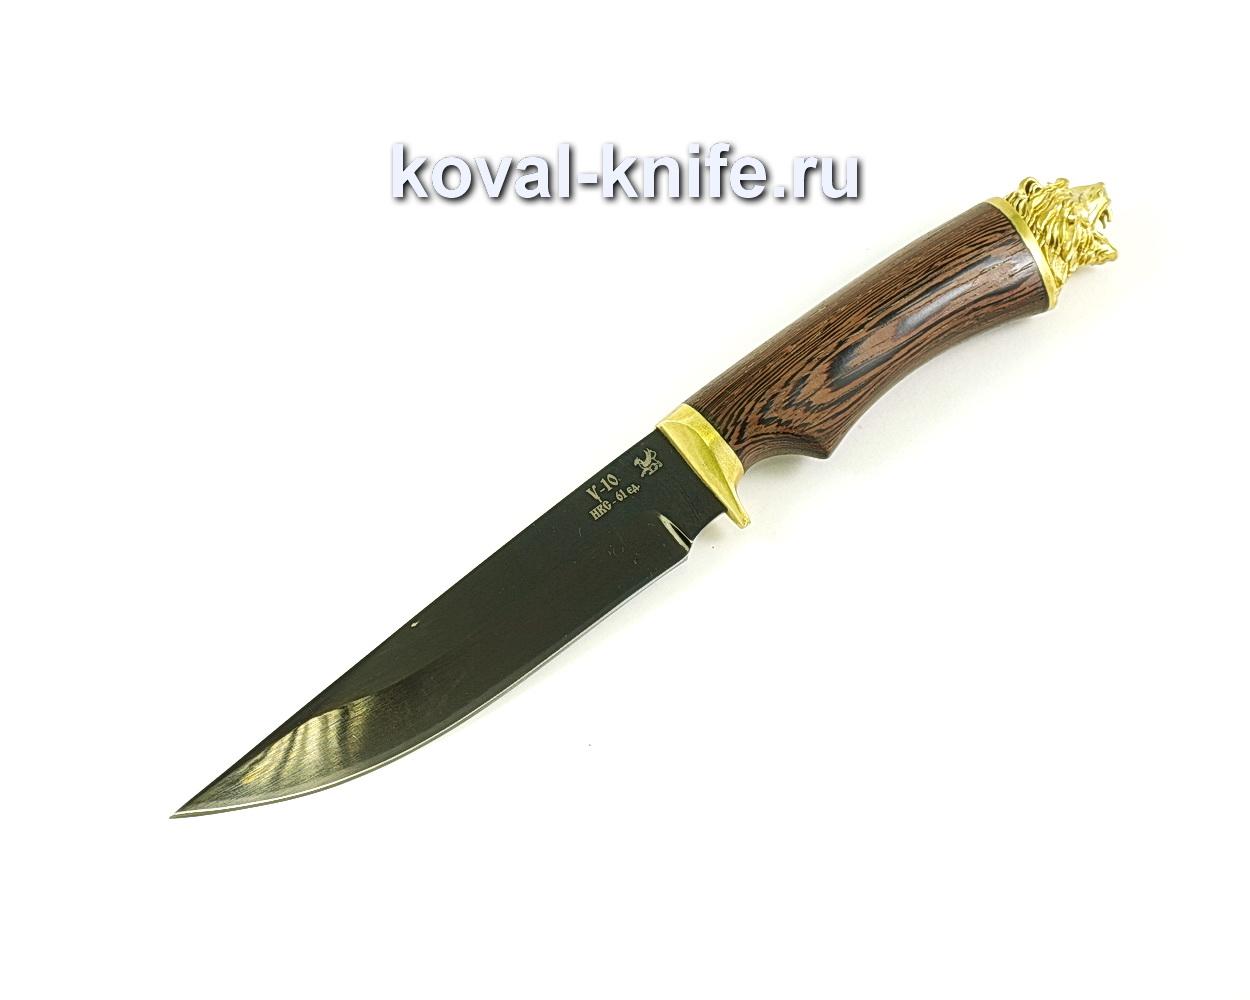 Нож Лис (сталь У10), рукоять венге, литье A077